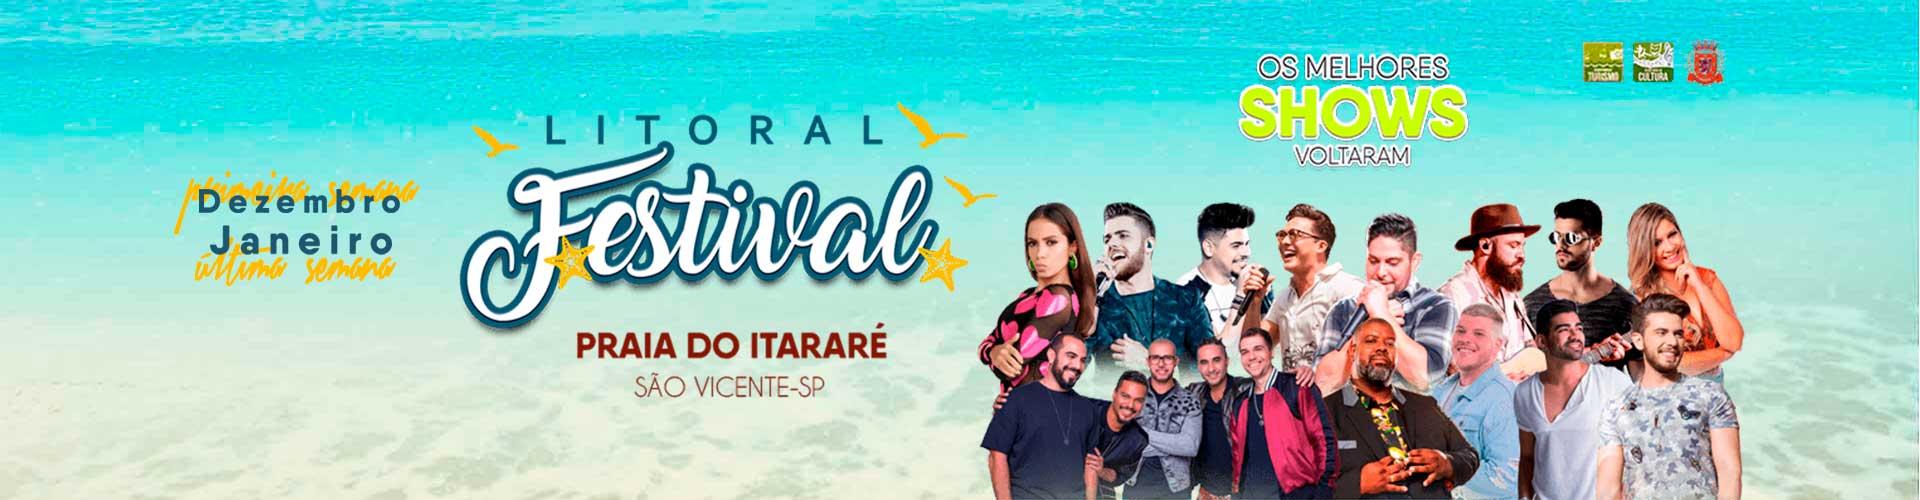 Litoral Festival - 01/12/2018